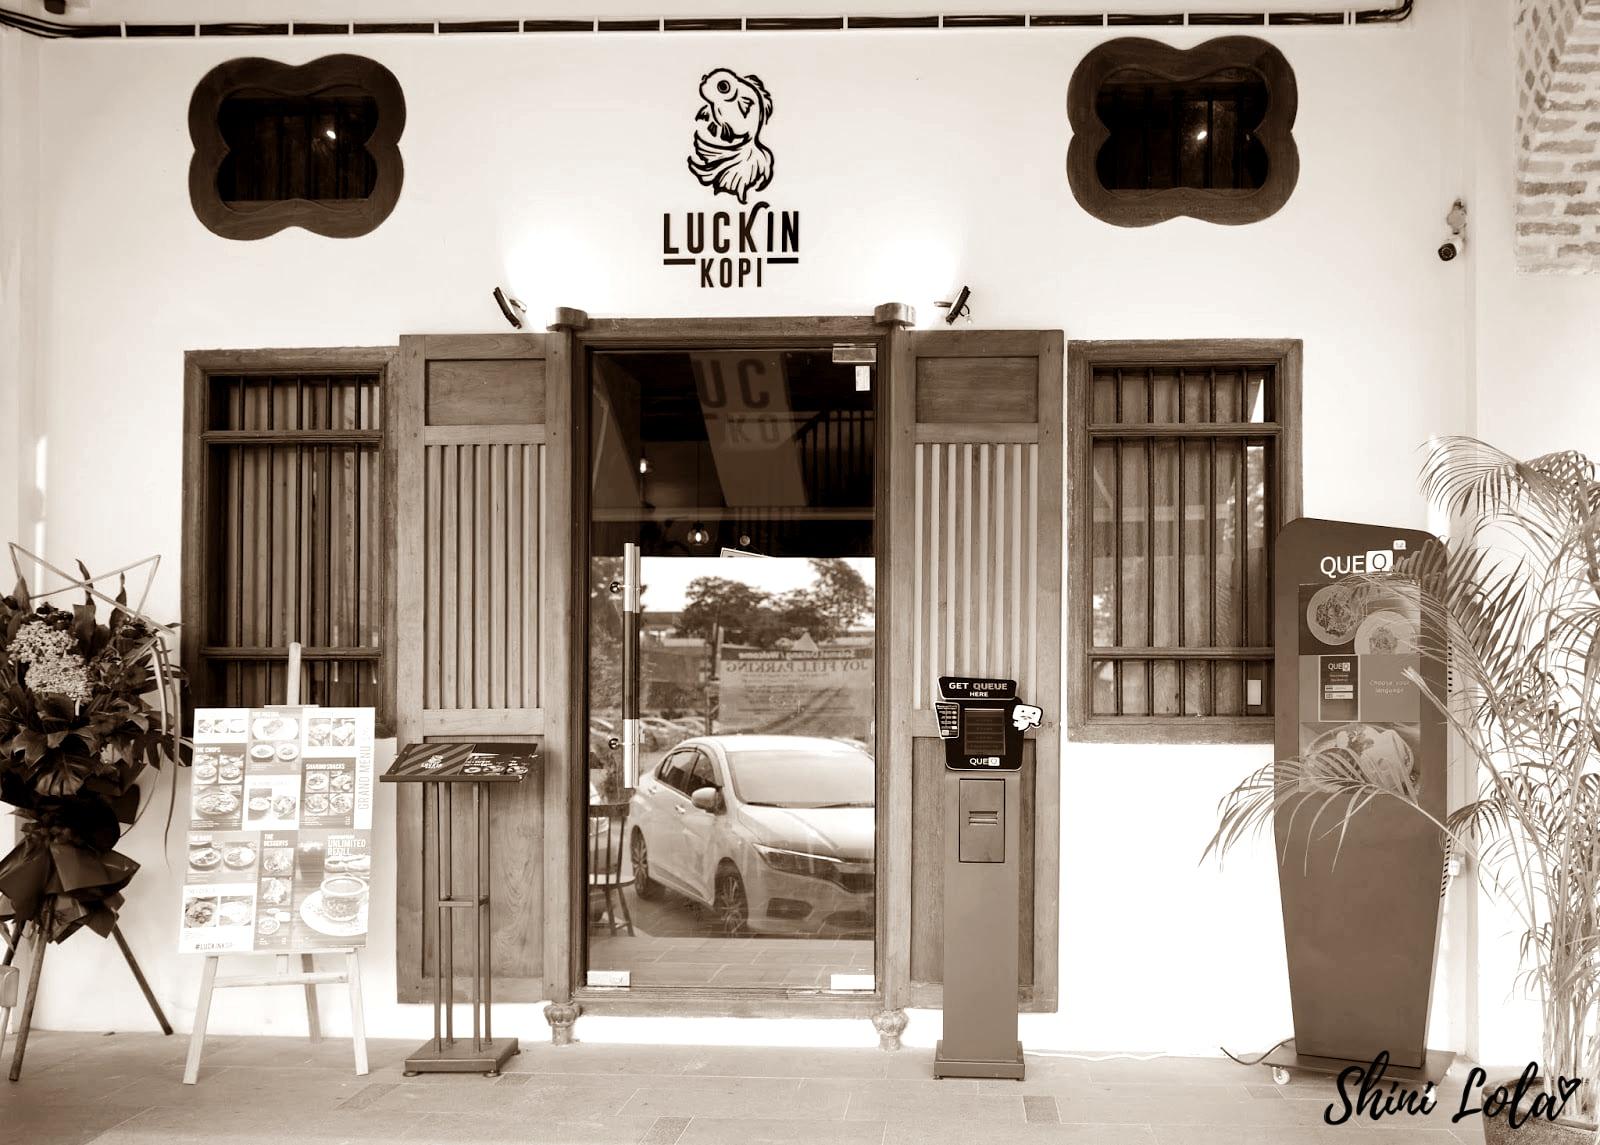 Luckin Kopi